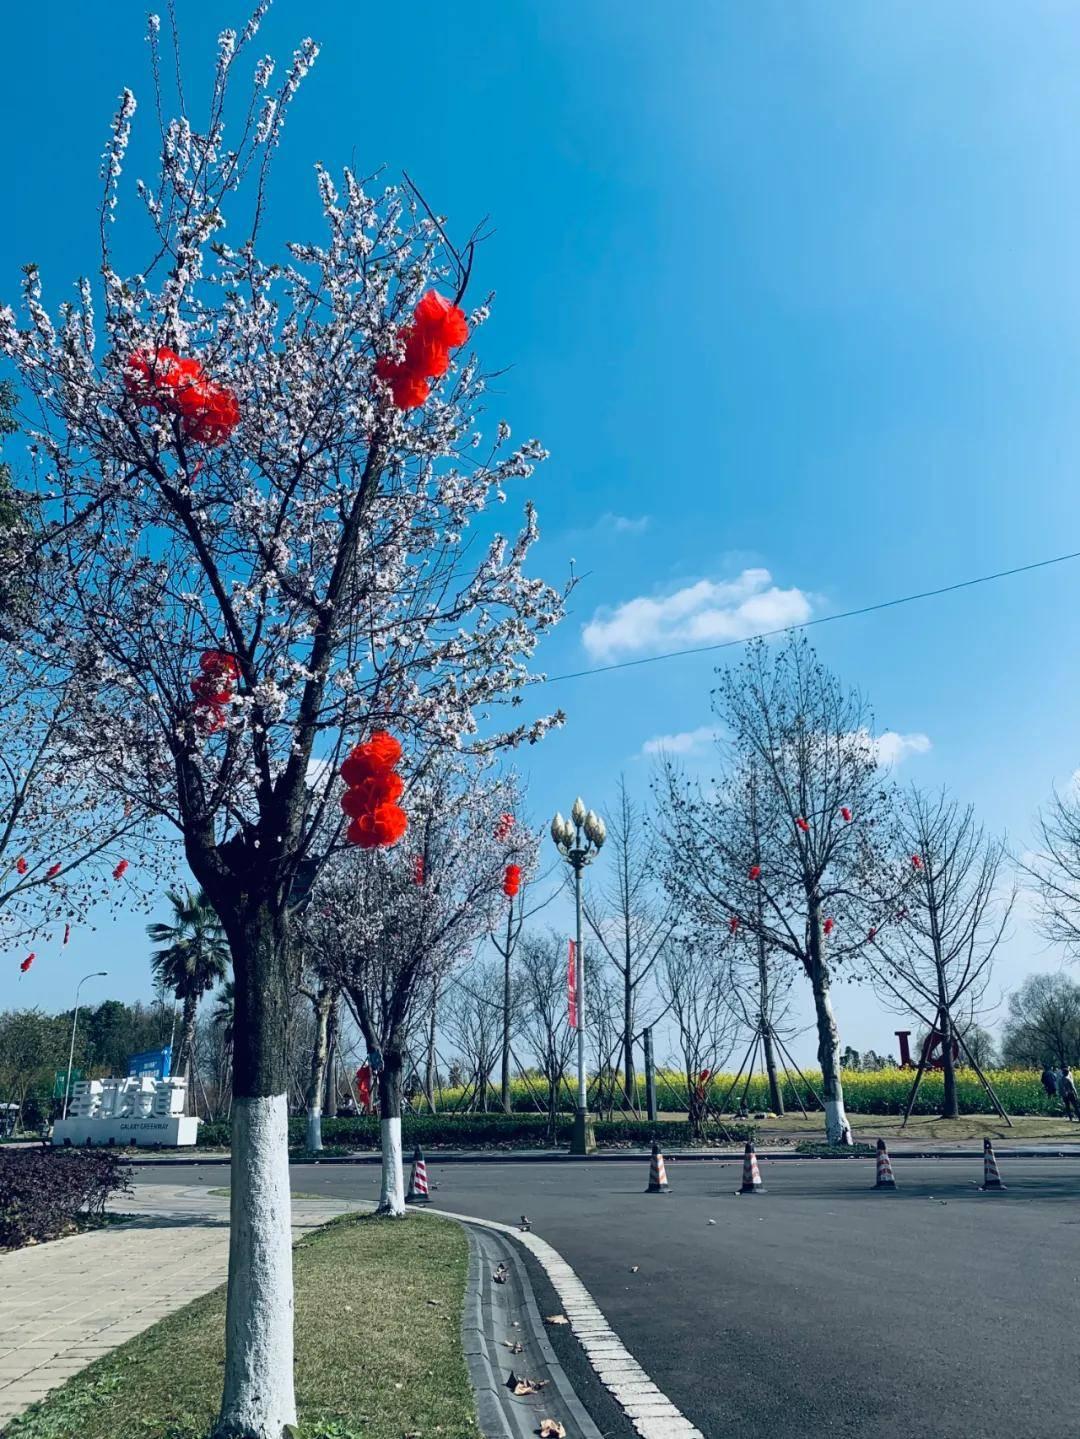 晒太阳、赏花花,带娃去抓住春日好时光吧